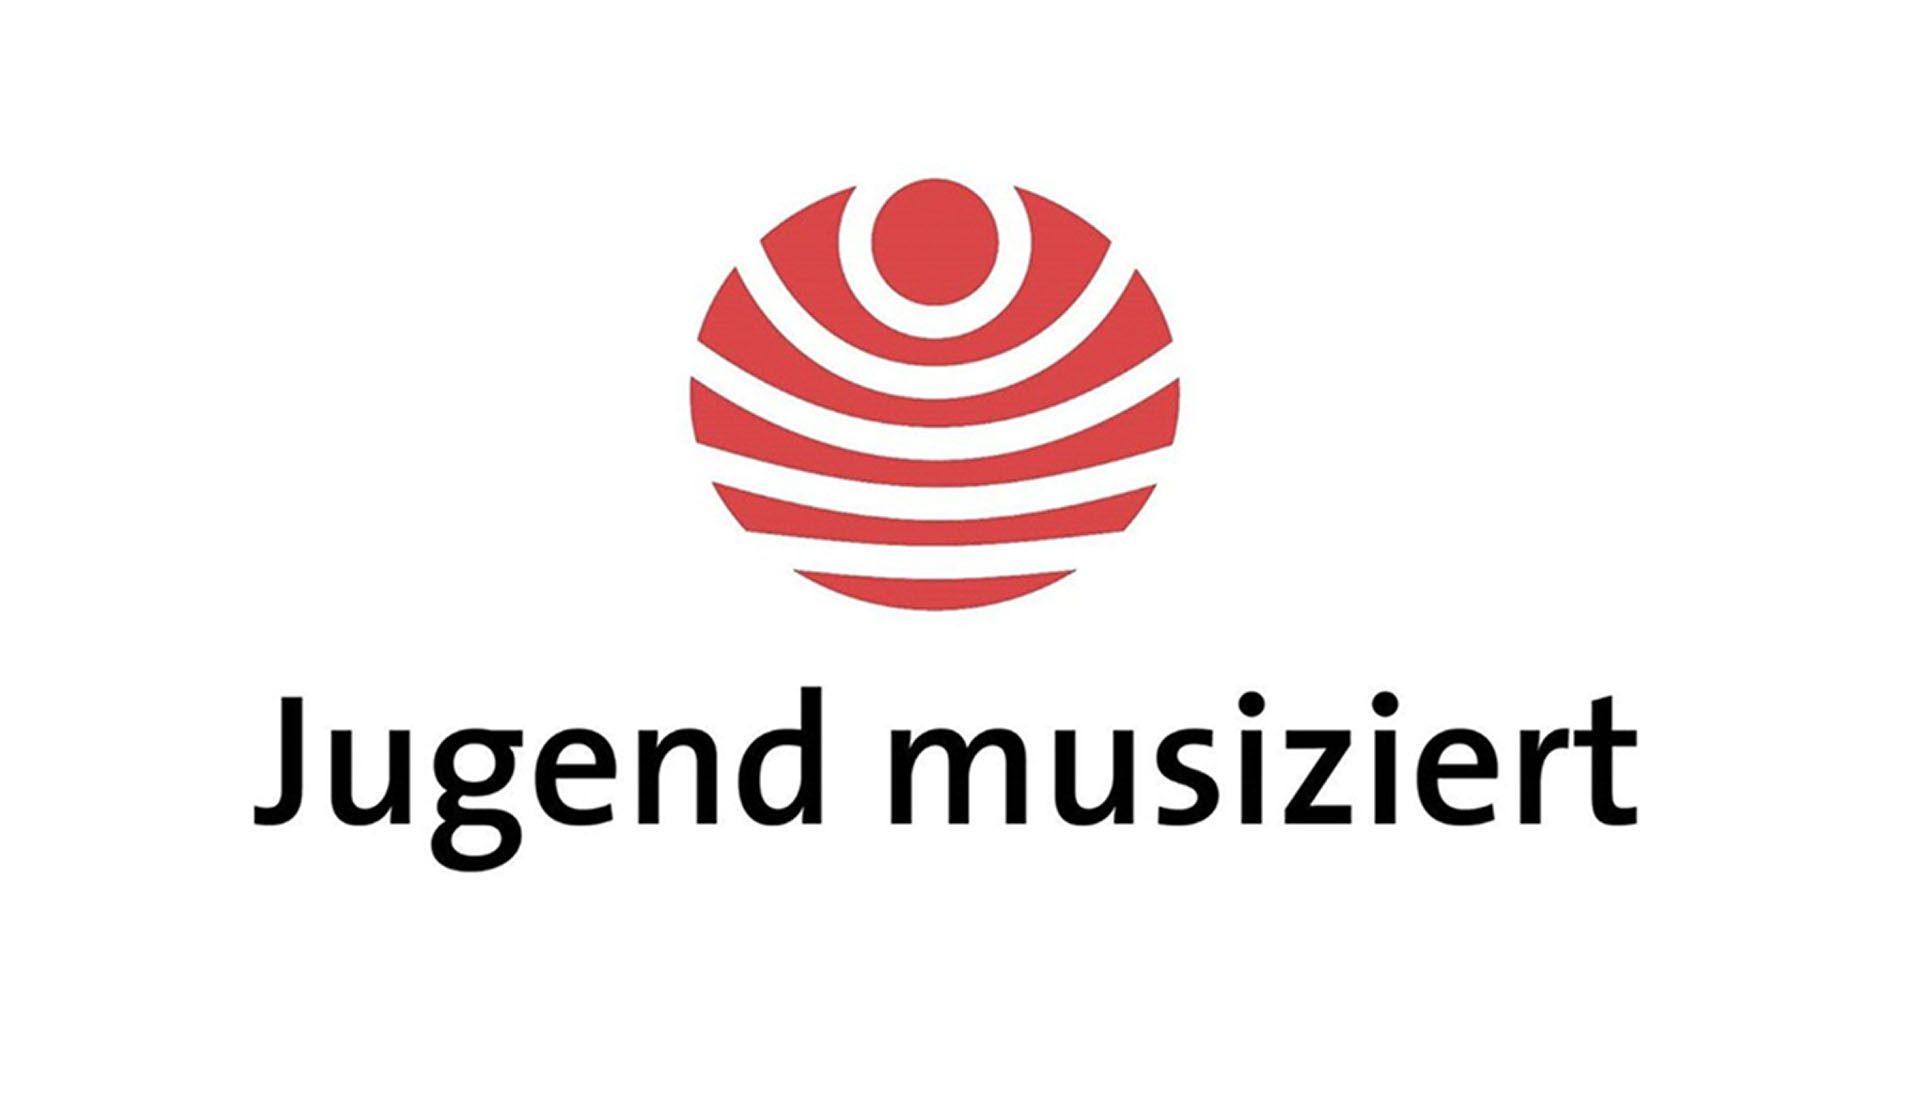 jugend-musiziert-1920x1200